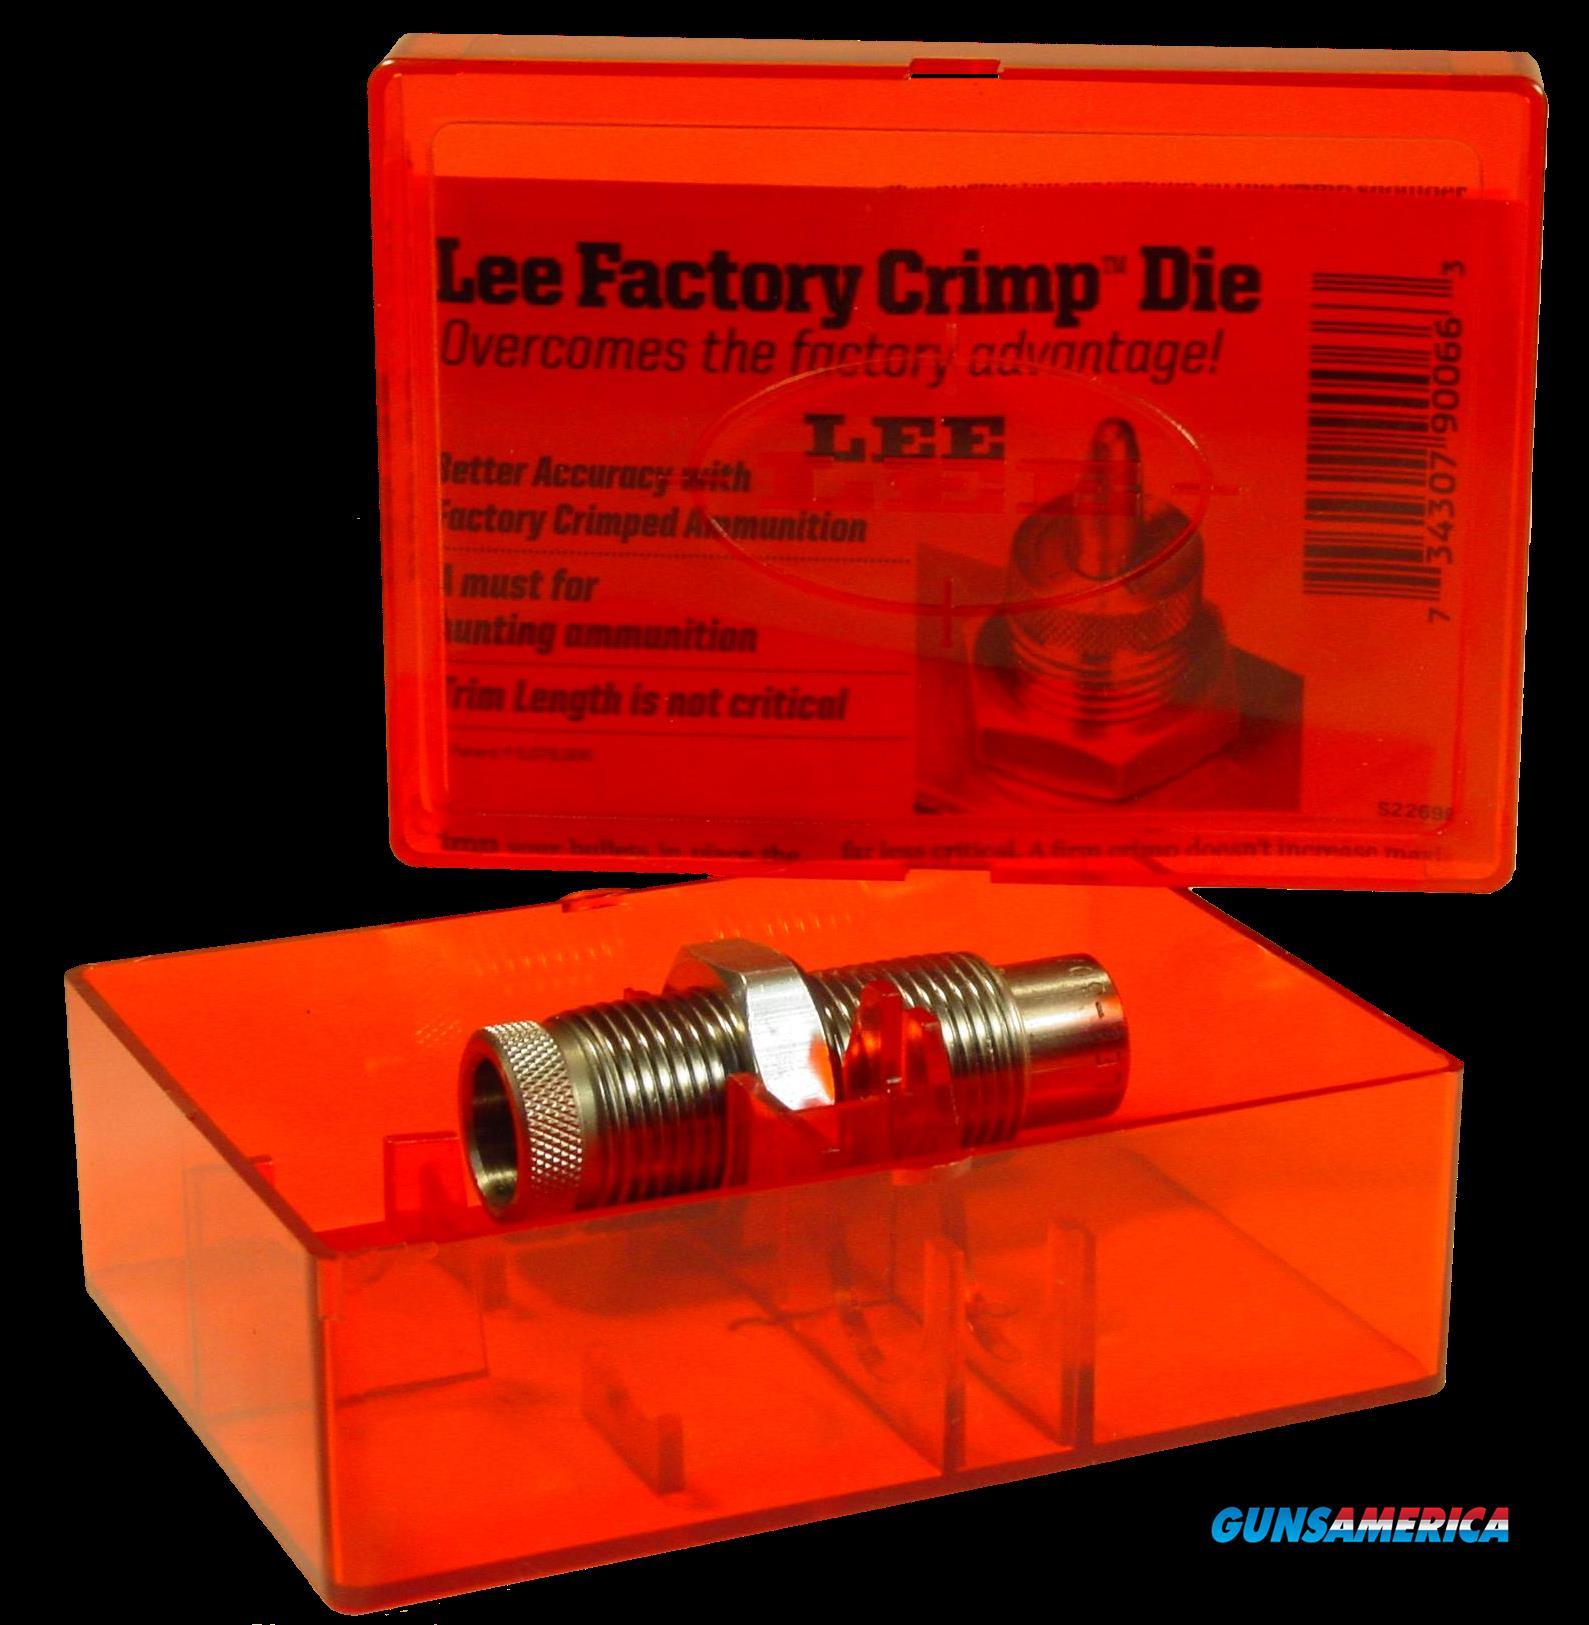 Lee Factory, Lee 90822 Fact Crimp Die 30-30  Guns > Pistols > 1911 Pistol Copies (non-Colt)